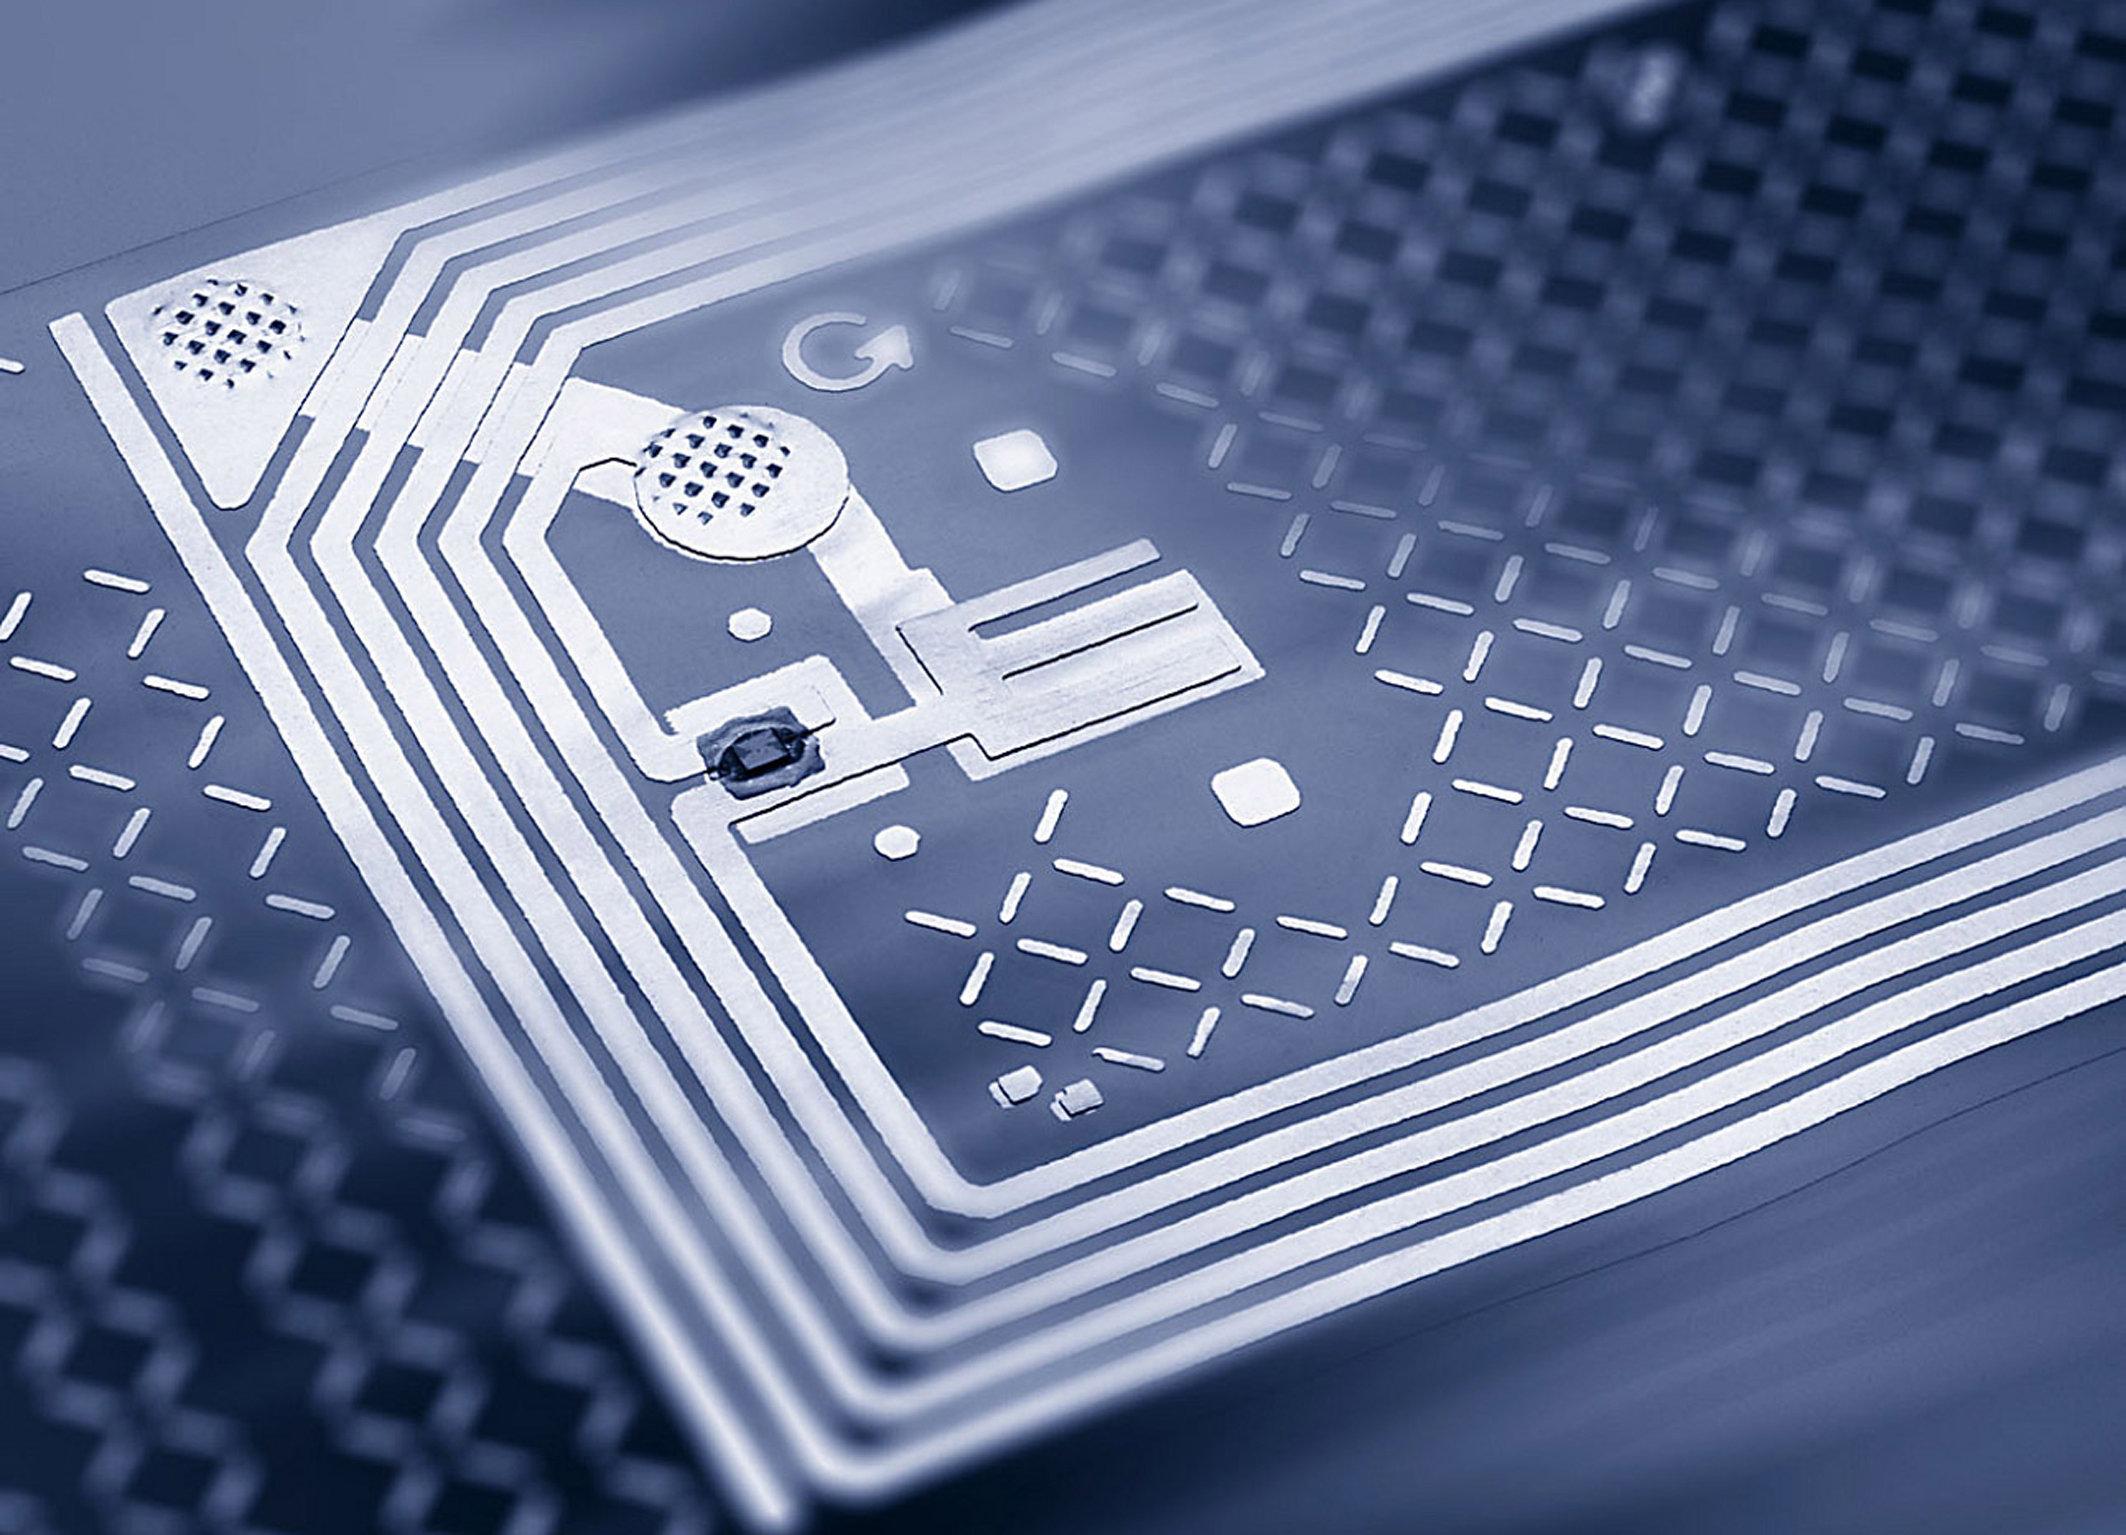 Produktpiraten stehen schlechte Zeiten bevor. Siemens hat einen fälschungssicheren Funkchip entwickelt, mit dem Waren aller Art auf ihre Echtheit geprüft werden können. Ähnlich dem Prinzip der digitalen Signatur kann dabei die Echtheit des am Produkt angebrachten Chips und somit die des Produkts nachgewiesen werden. Zusätzlich besteht die Möglichkeit Daten wie Herkunftsbezeichnungen und Seriennummern zu speichern. Unbefugtes Abhören der Daten und Kopieren der Chips sind somit nicht mehr möglich. Erste Prototypen stellte Siemens kürzlich vor.  Thanks to a new forgery-proof radio frequency identification (RFID) chip developed by Siemens, life is about to become a whole lot more difficult for product pirates. Exploiting a technology similar to that used for a digital signature, the chip is able to verify its own authenticity and thus that of the product to which it is attached. The chip can also be used to store other information such as the product's designation of origin and serial number. Unauthorized reading or copying of the data on the chip is impossible. Siemens has recently unveiled initial prototypes of this new chip.